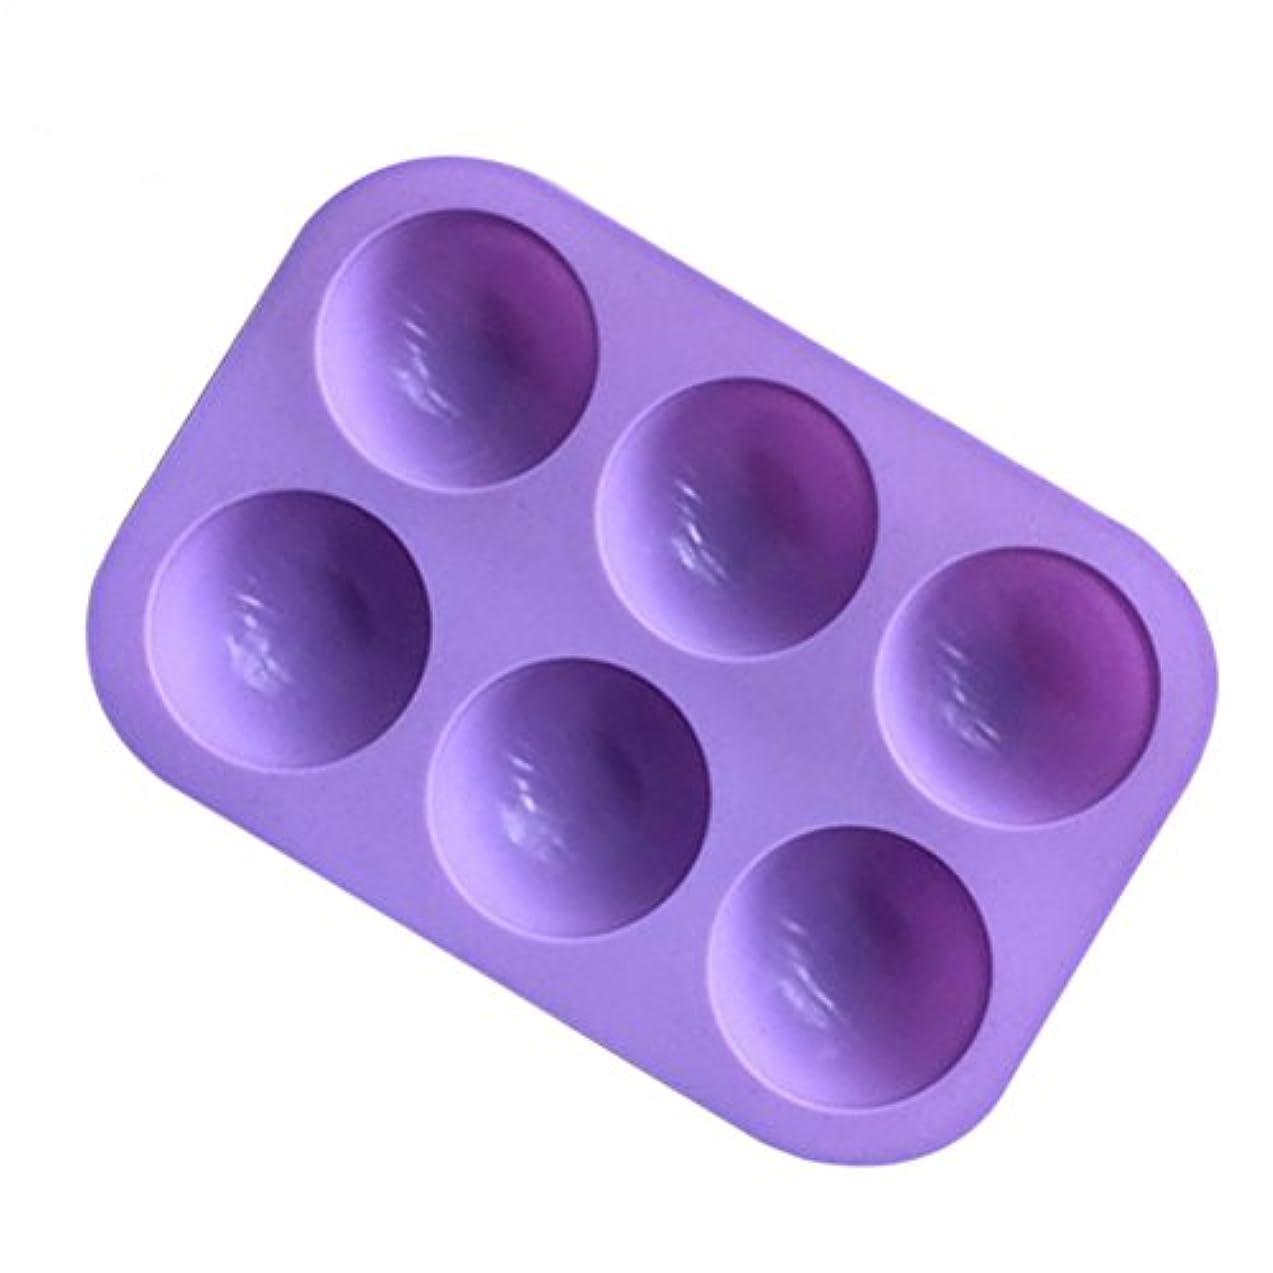 フィード円周異邦人BESTONZON シリコンソープモールド半円マフィンパンカップケーキキャンディモールドケーキチョコレートモールドベーキングモールド6個のキャビティ(紫色)